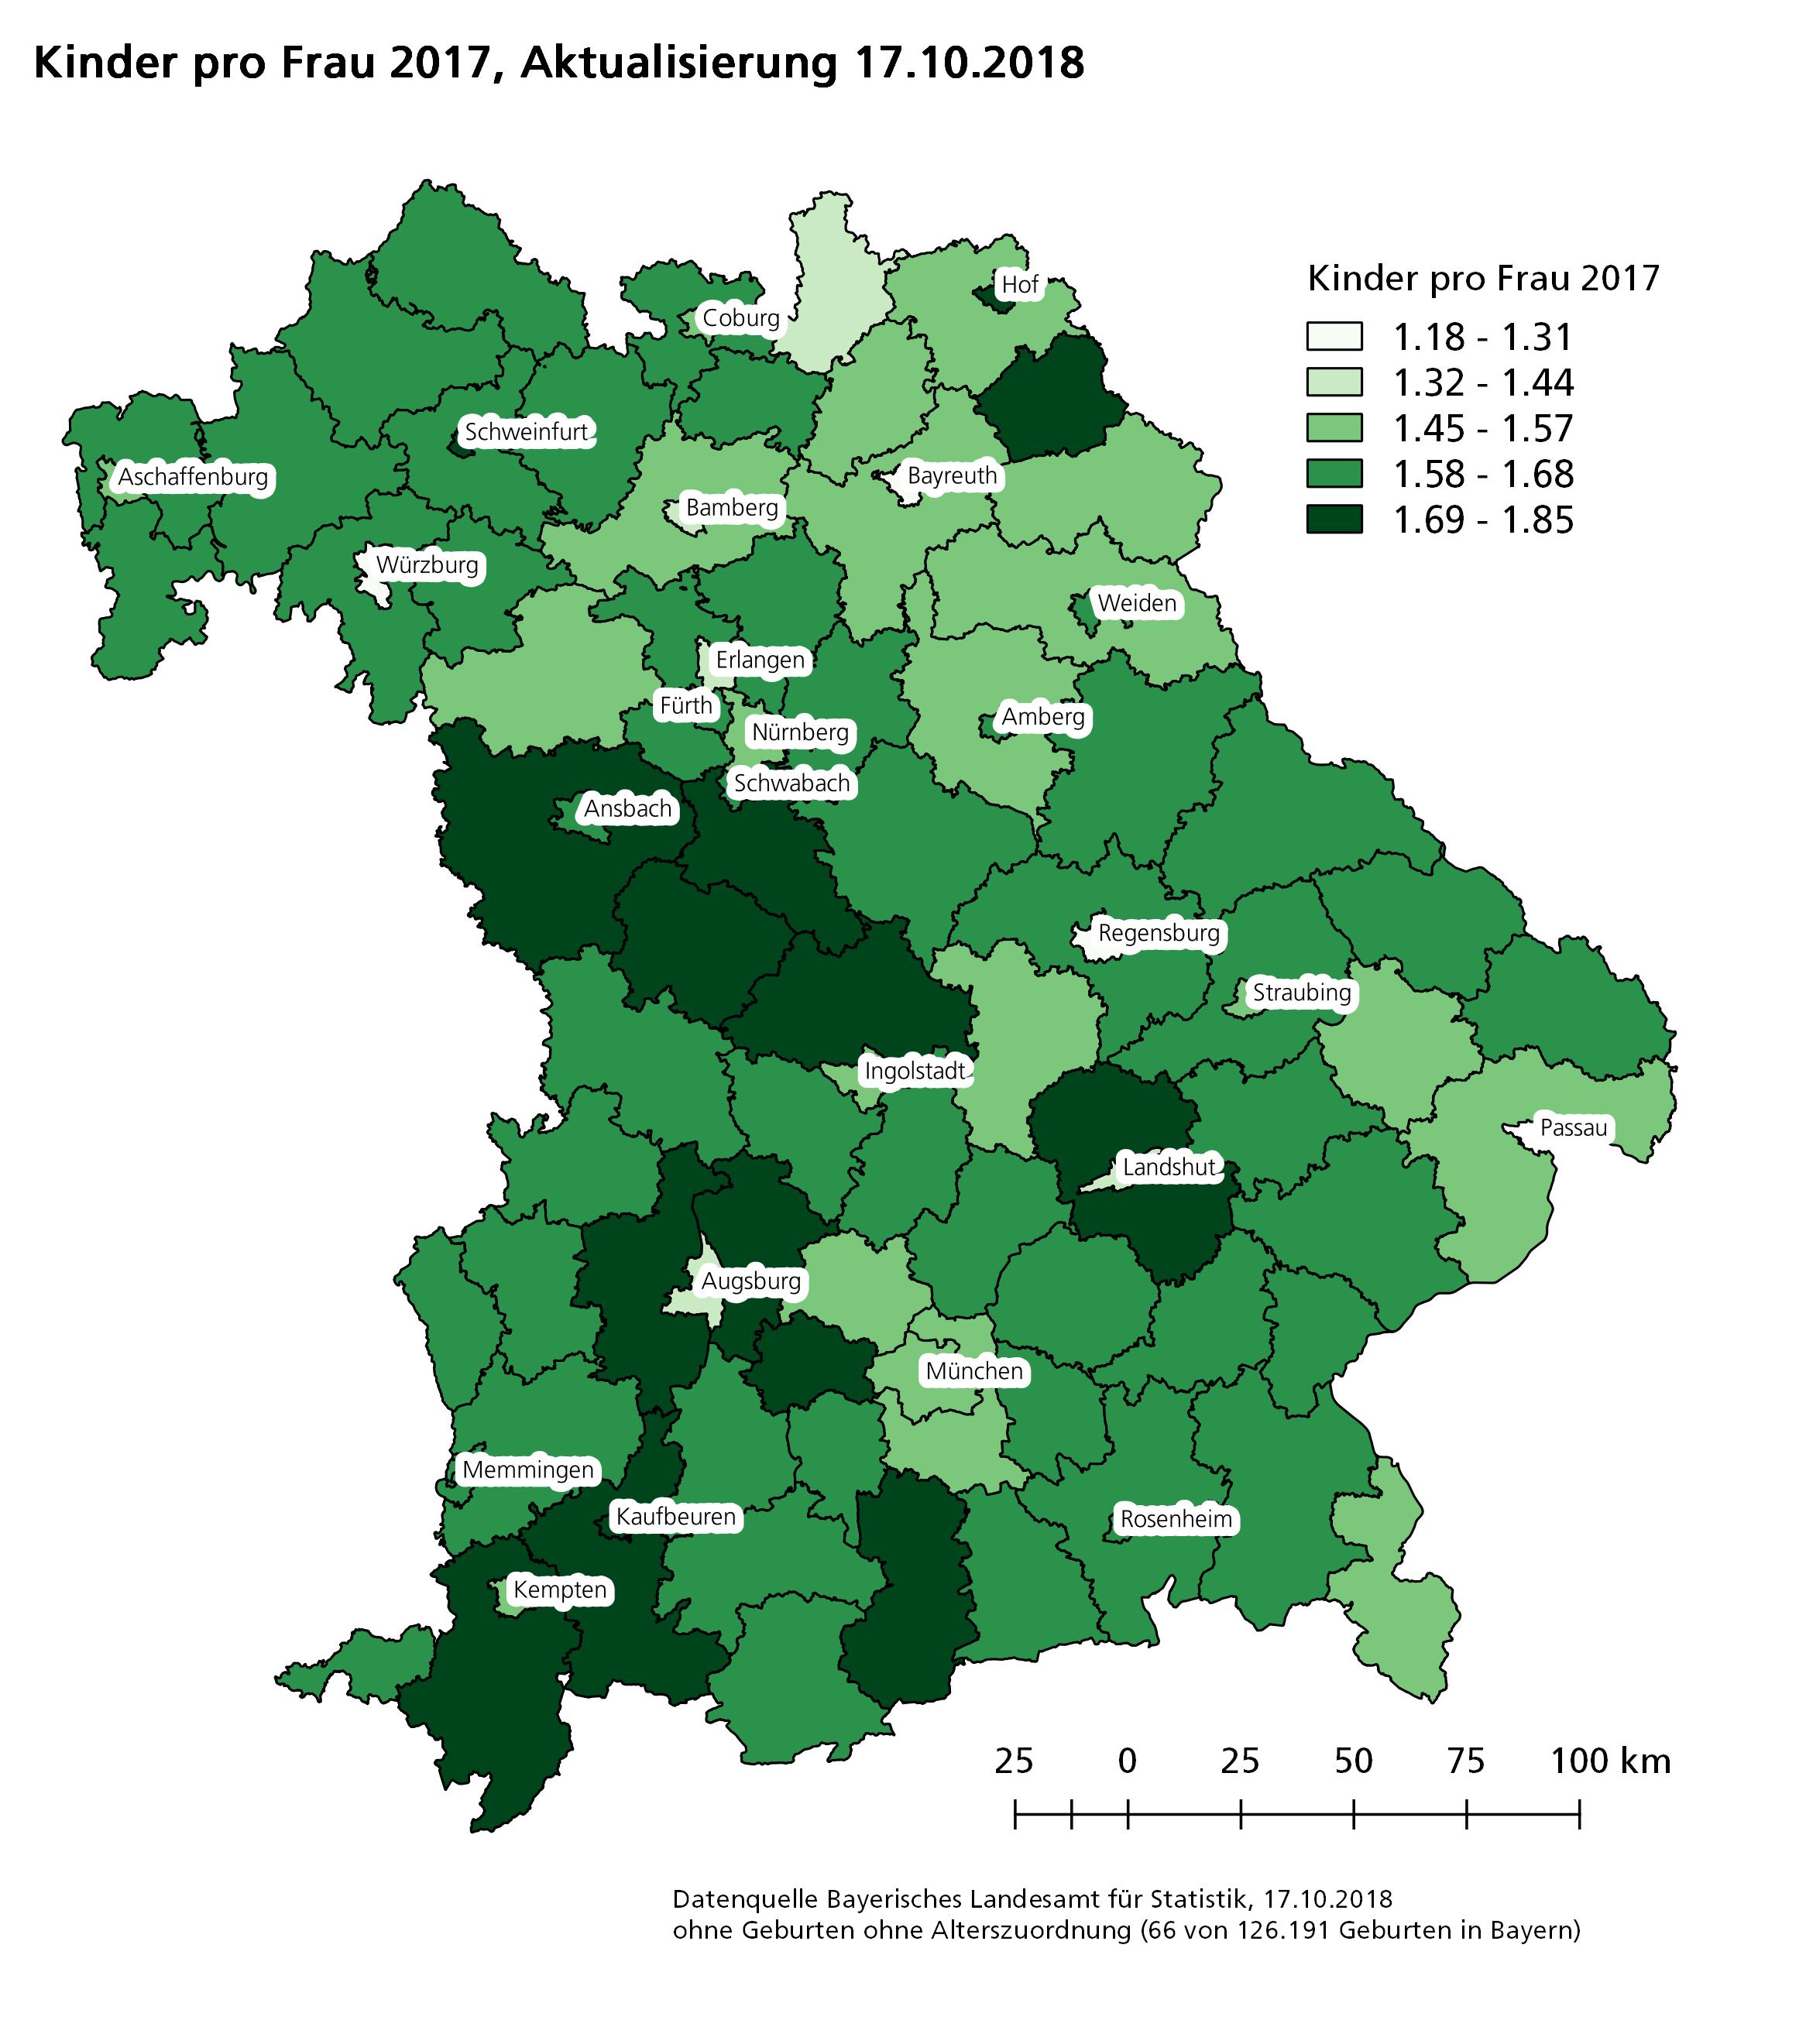 Geburtenrate 2017